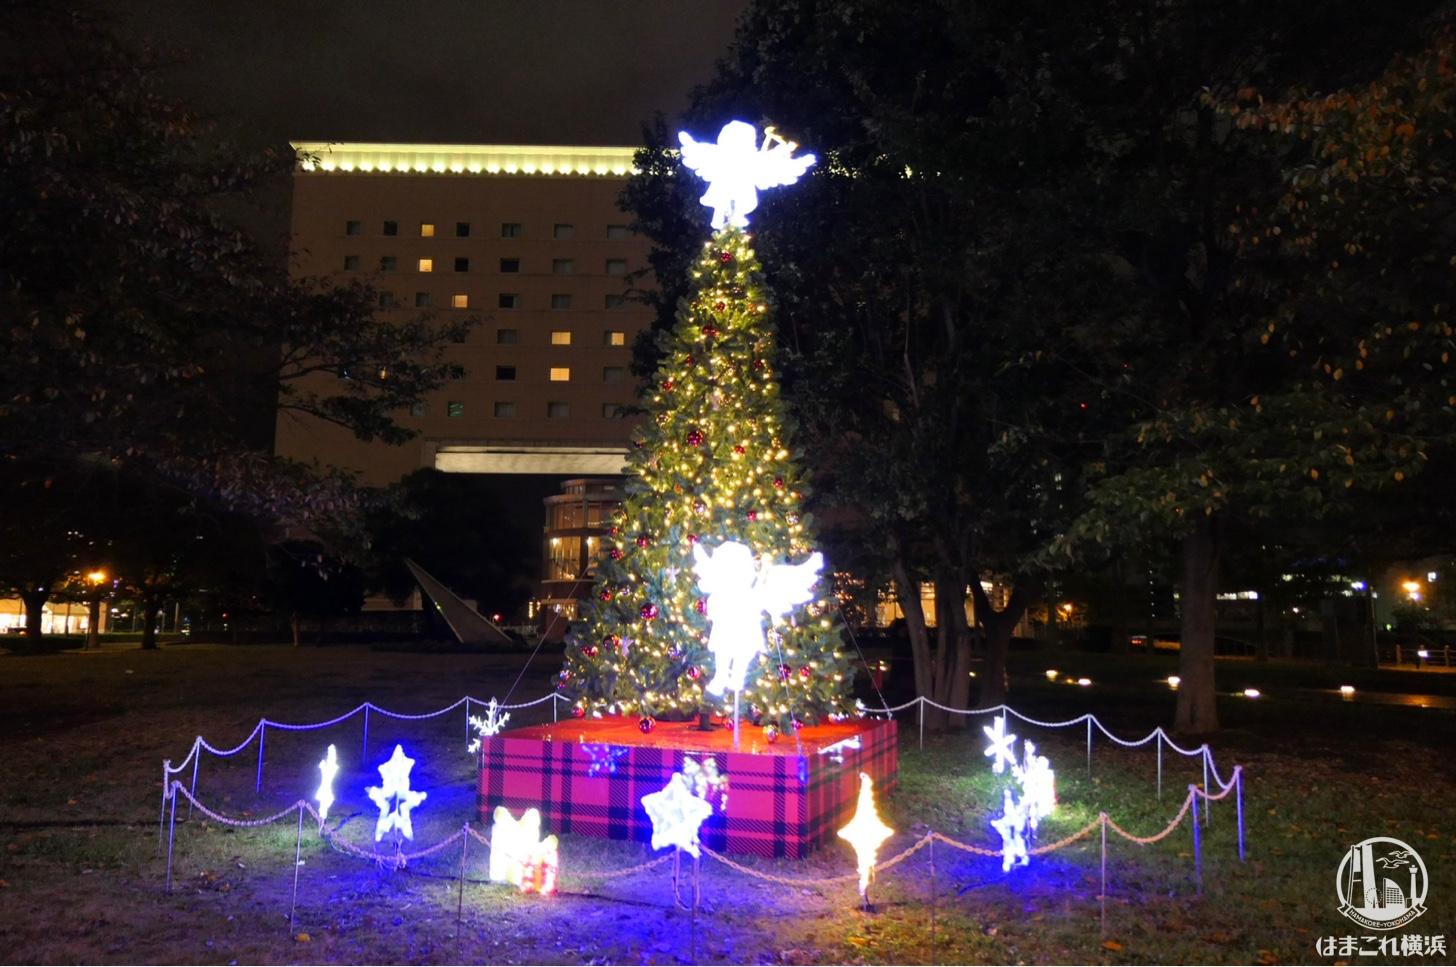 横浜ワールドポーターズ クリスマスツリー